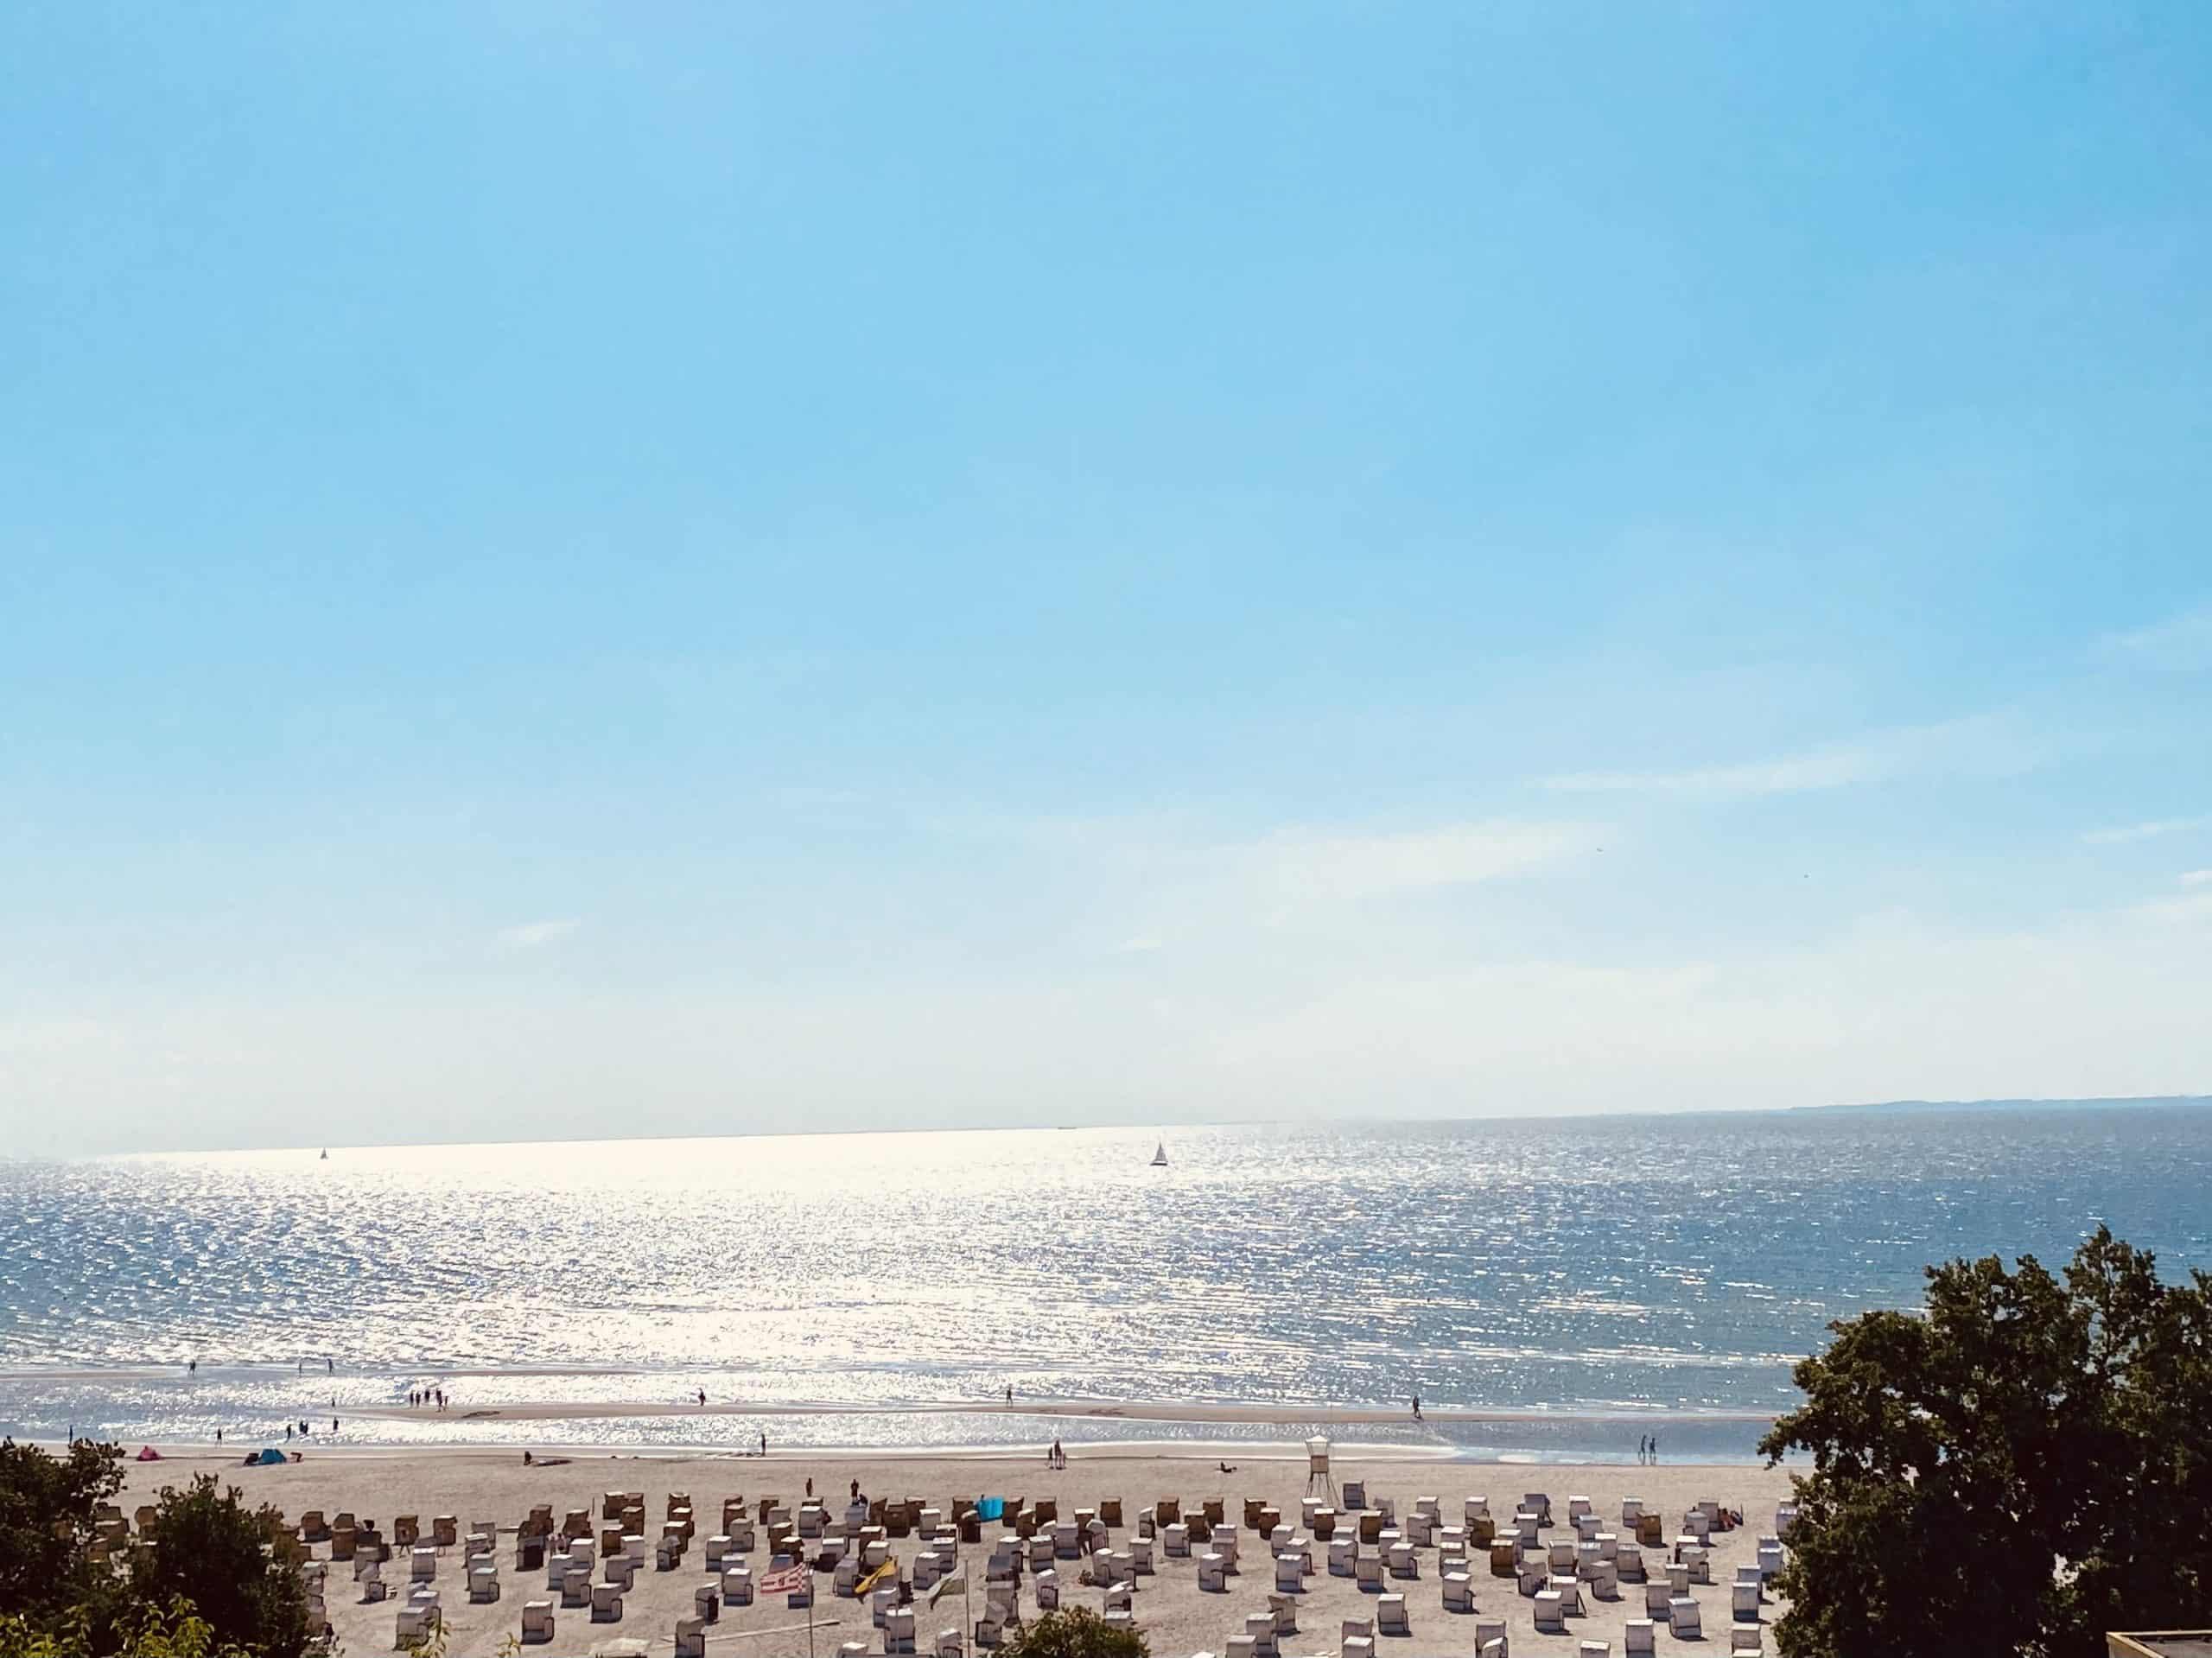 Genießen Sie die Sonne auf dem Balkon und den phantastischen Blick auf die Ostsee.